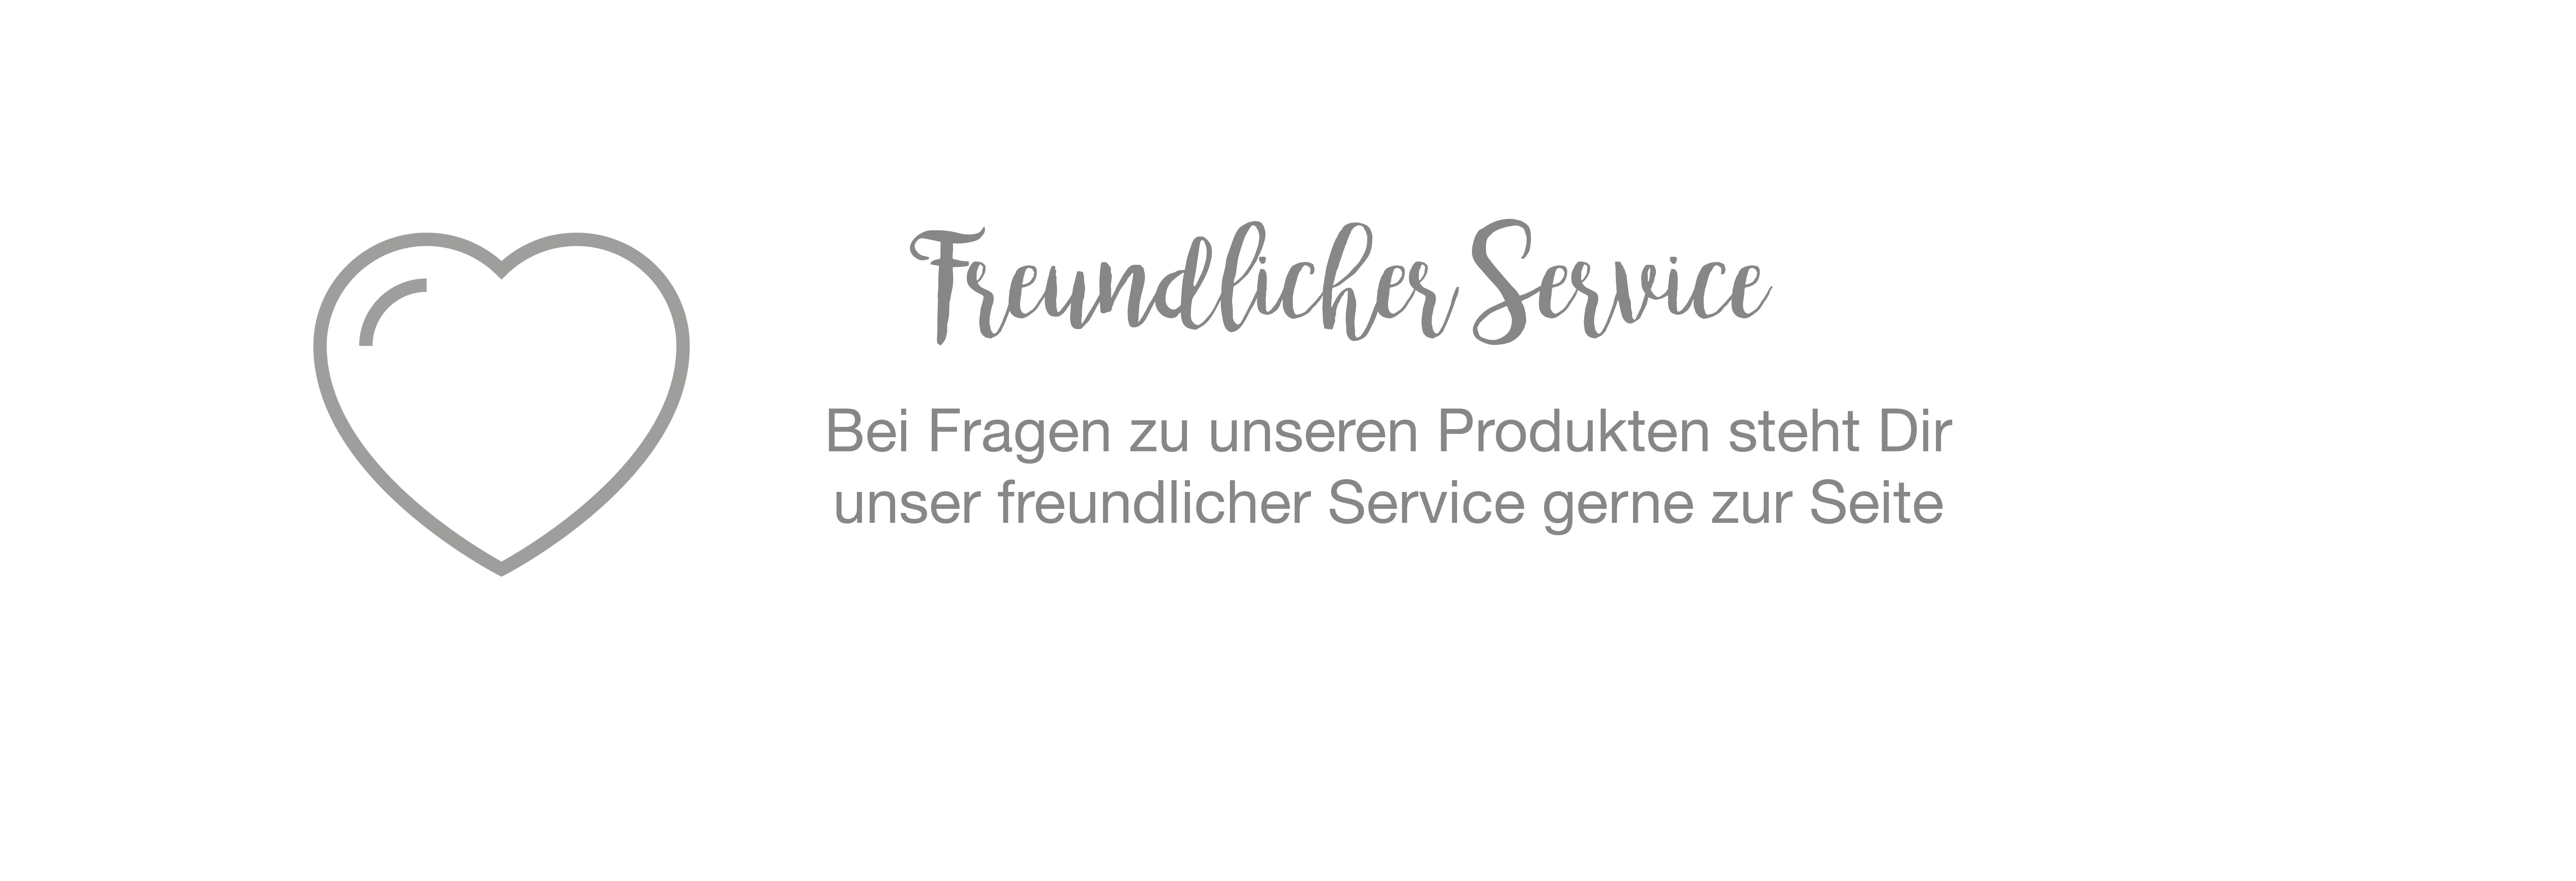 Freundlicher Service